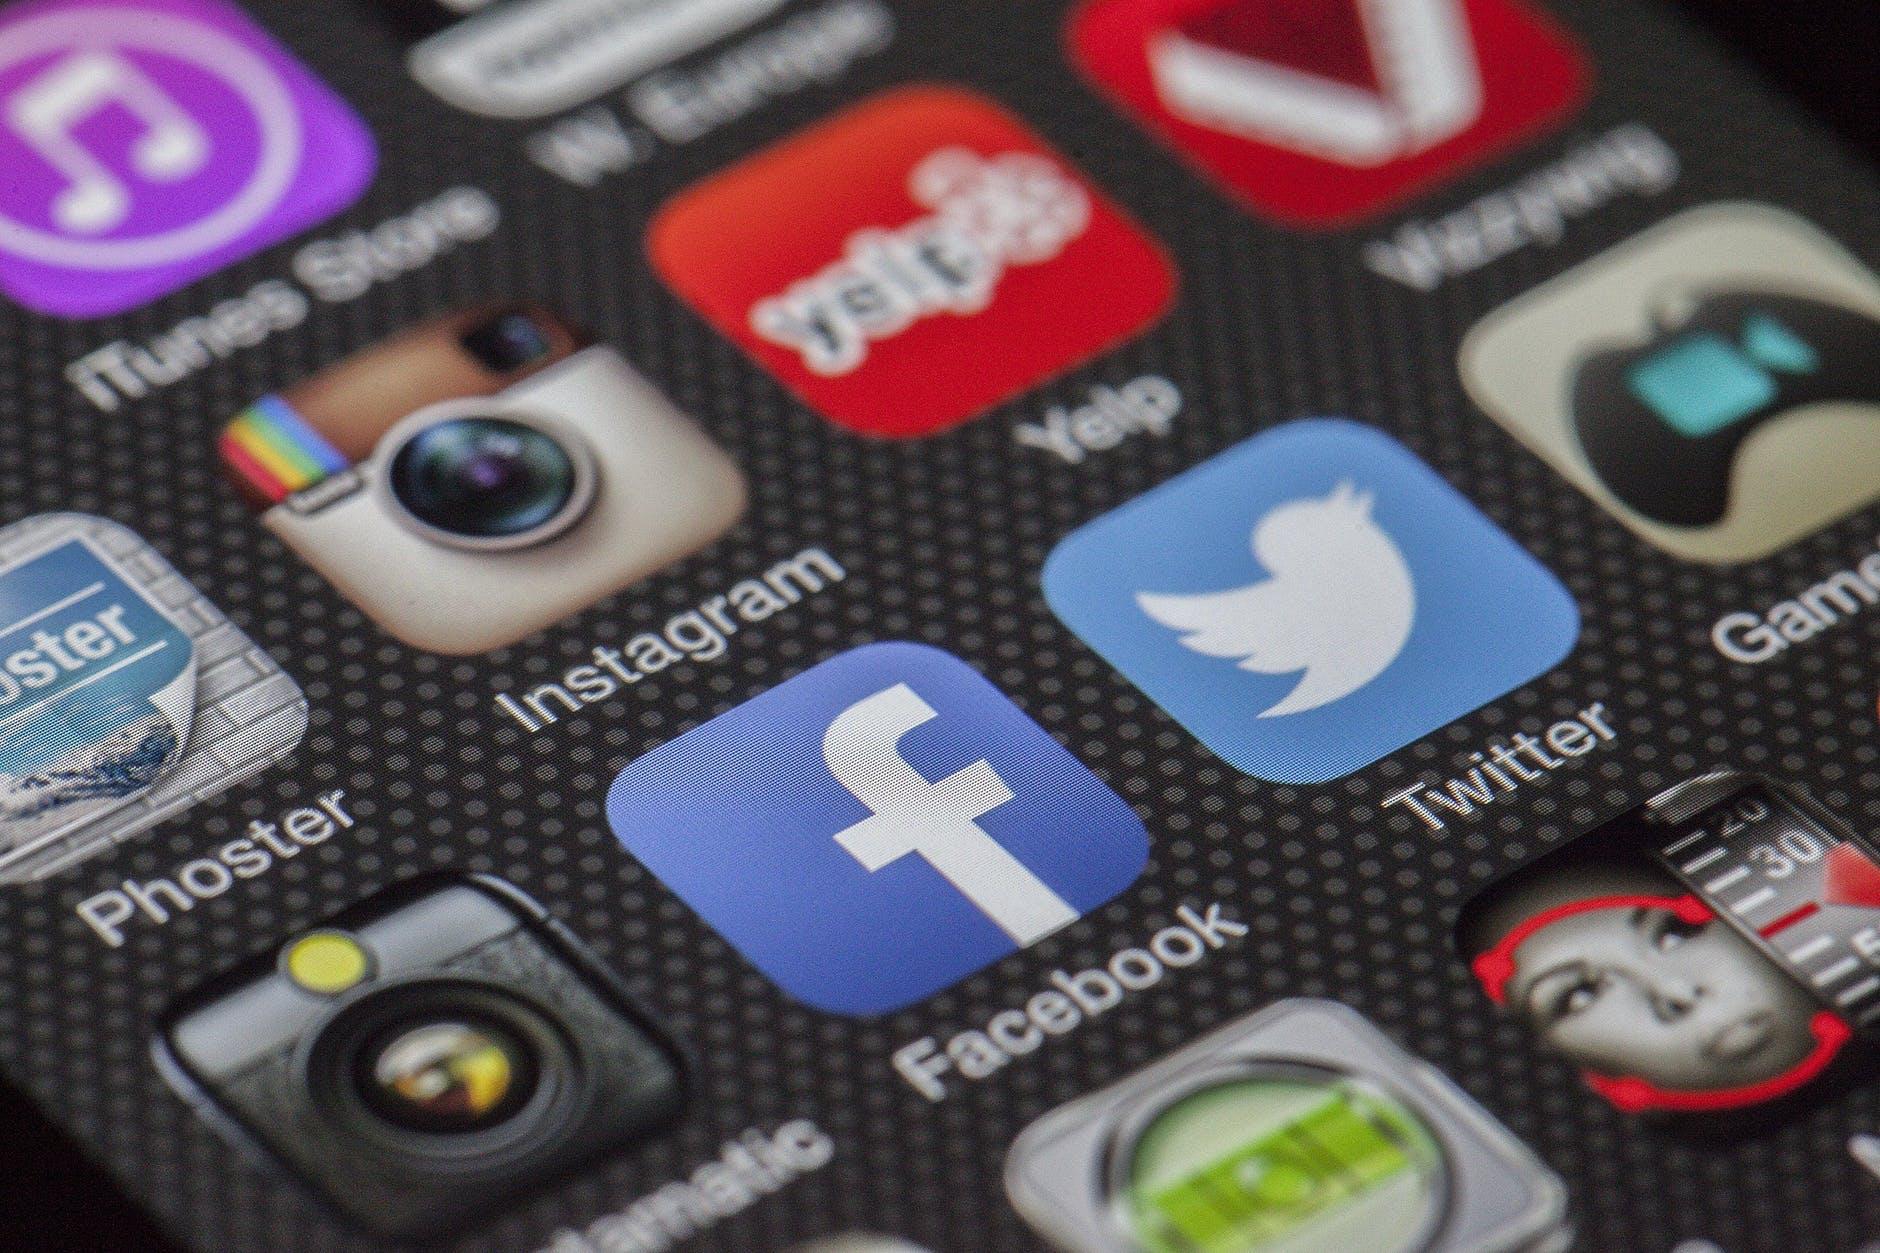 Reguli de promovare pe social media pentru modelele de videochat